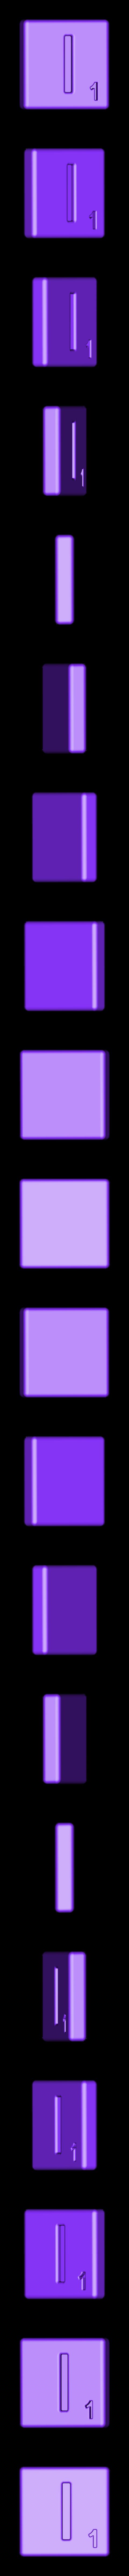 Single_Cut_I.STL Télécharger fichier STL gratuit Pièces et support SCRABBBLE • Design pour imprimante 3D, Balkhagal4D